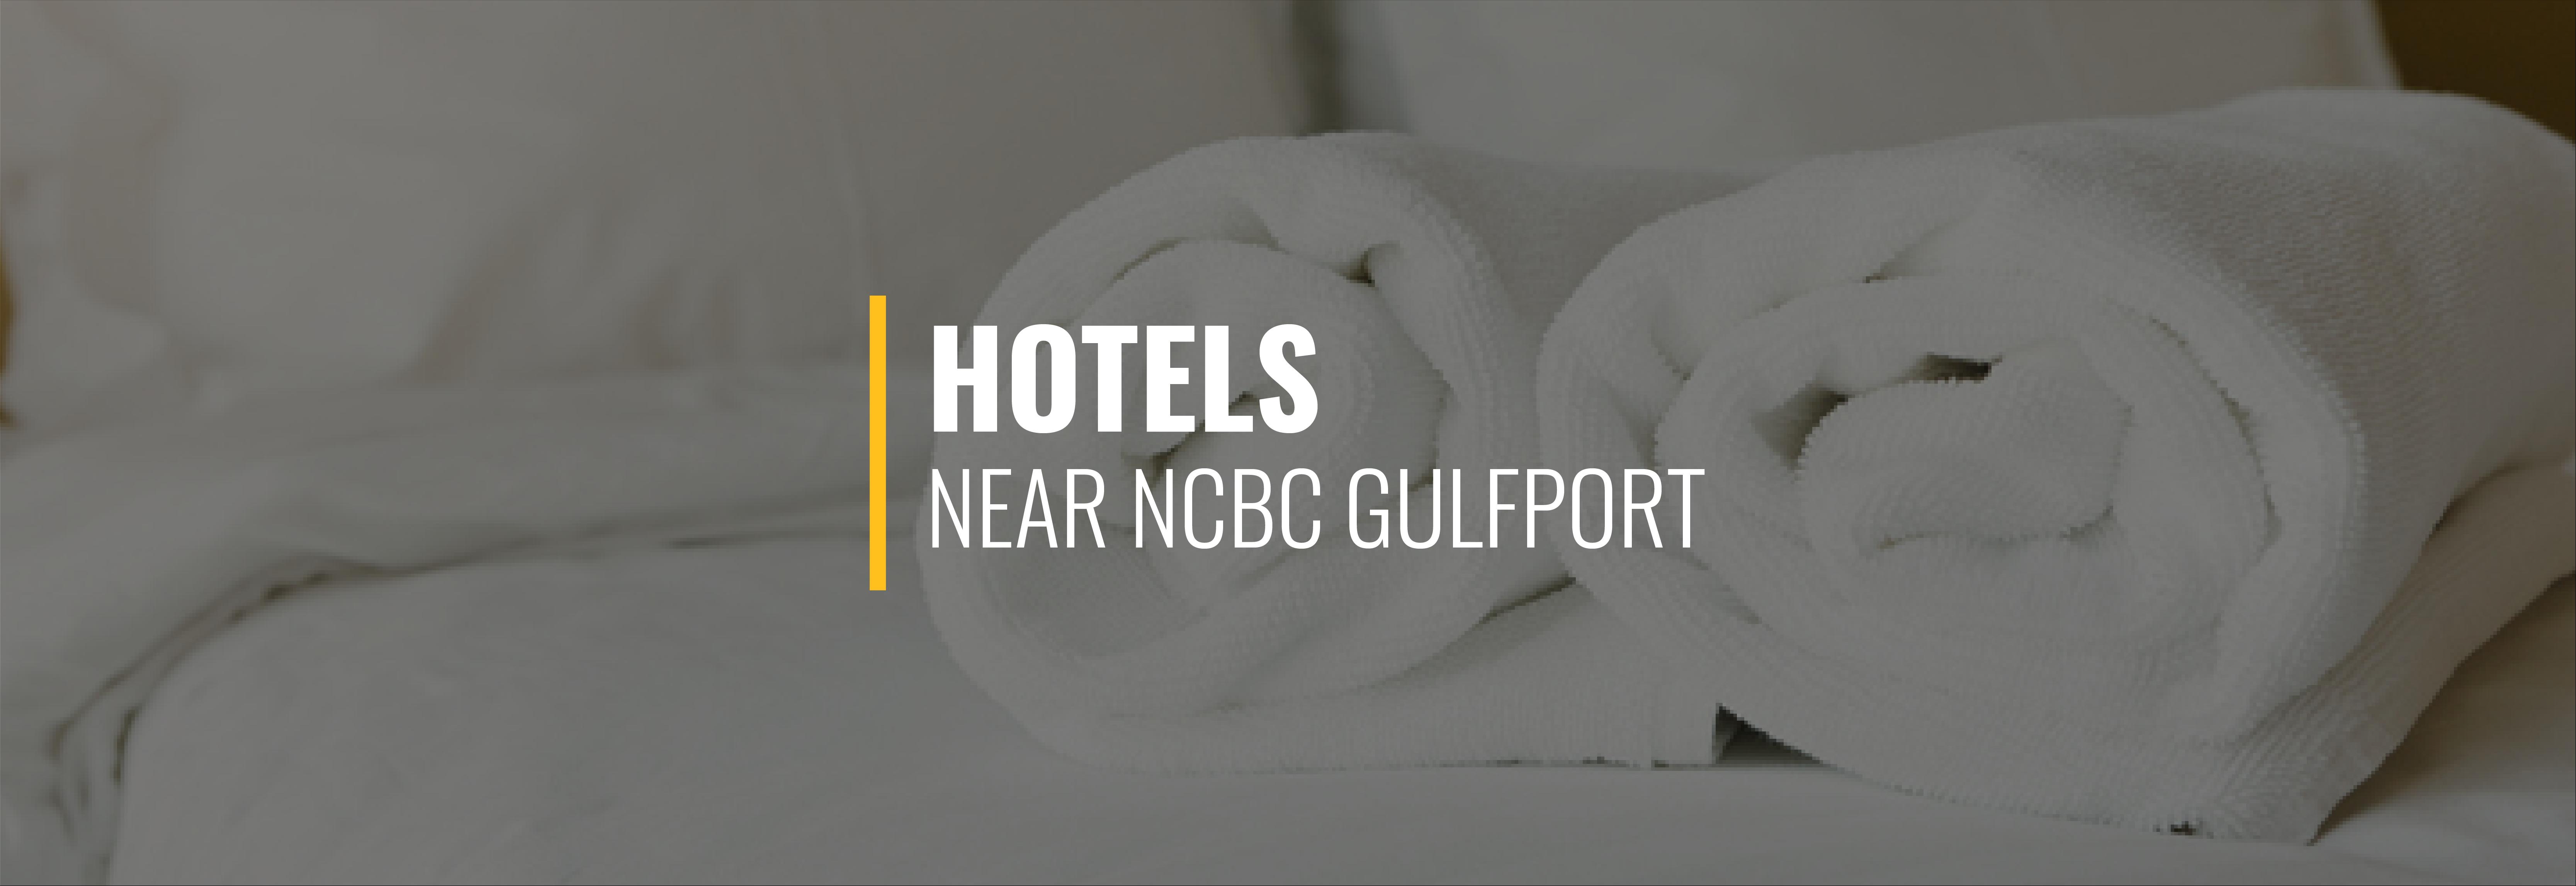 Hotels Near NCBC Gulfport